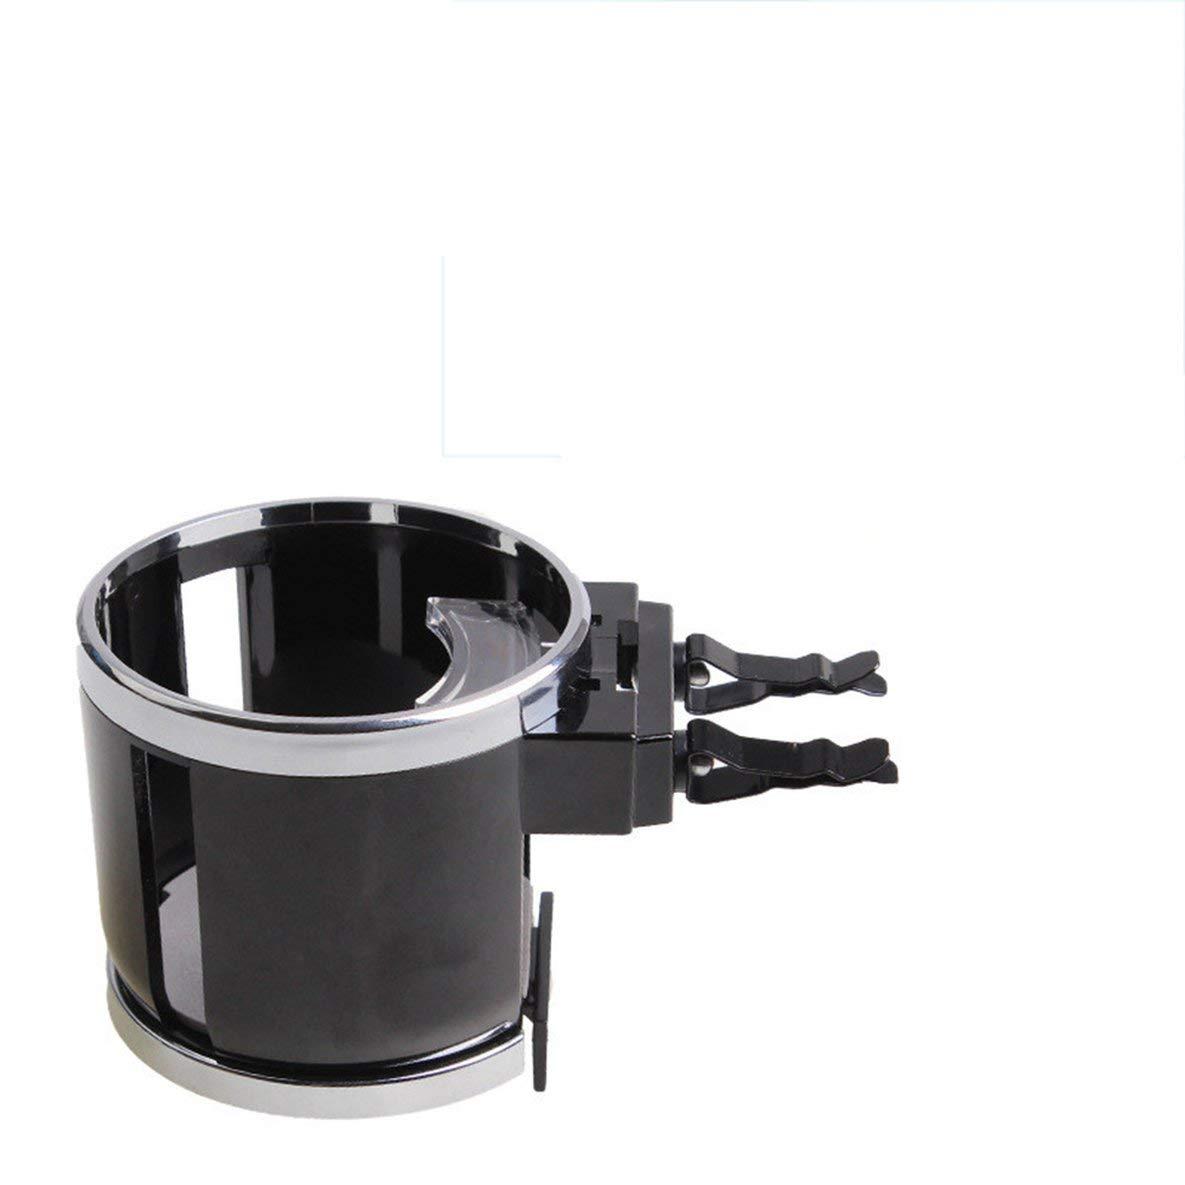 とにかく原子持続するDyStyle 普遍的な車のカップホルダー便利な車のドリンクスタンド携帯電話ホルダー車両自動車用通気孔マウント